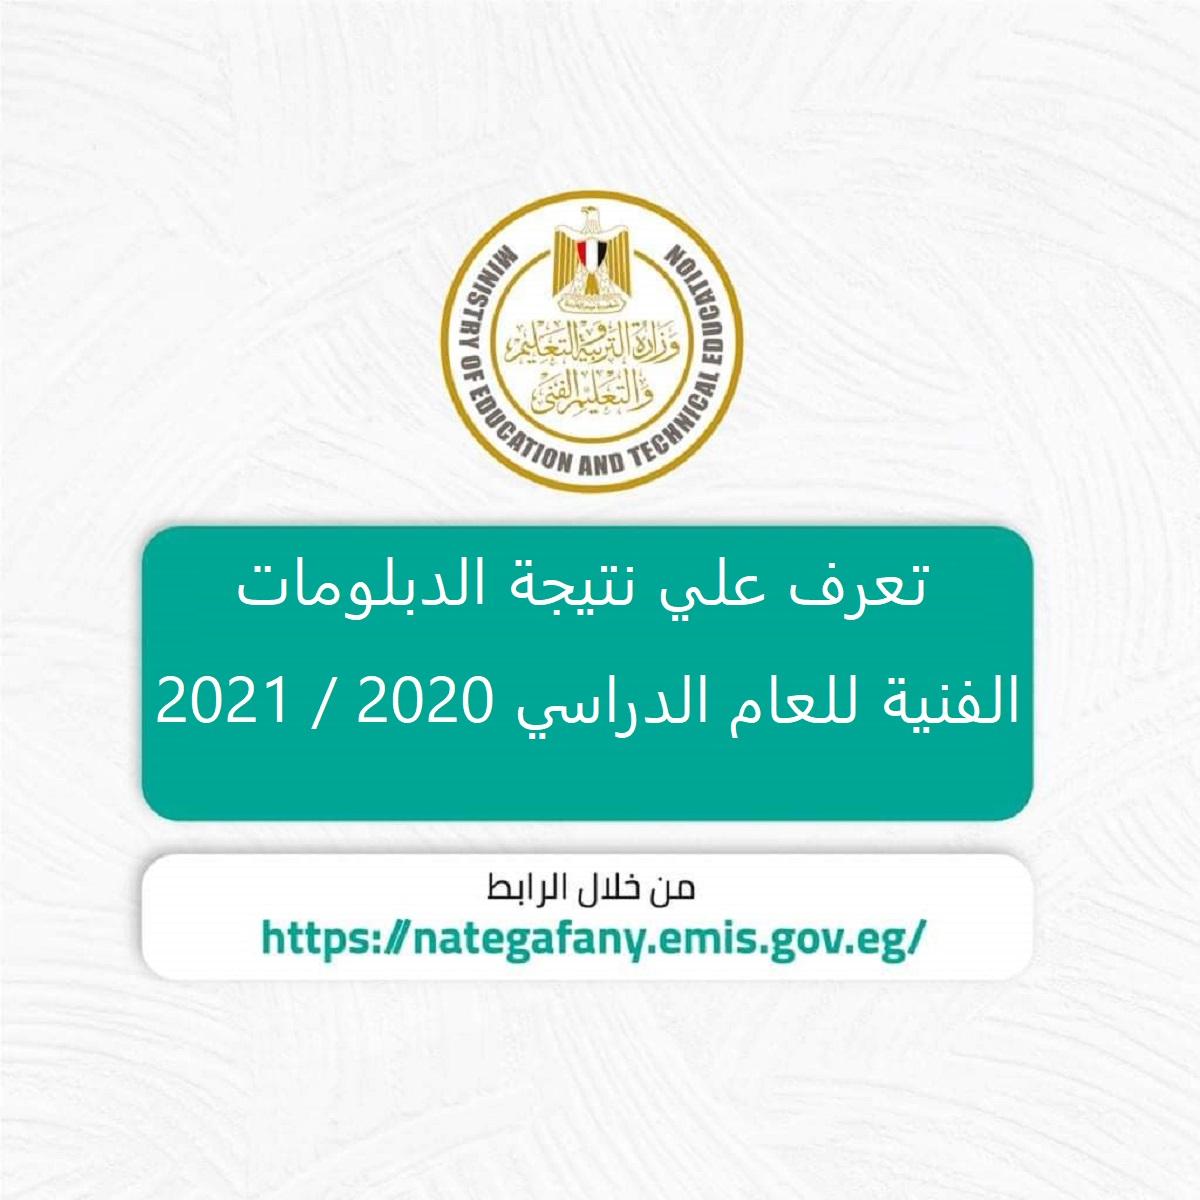 الآن الرابط الجديد لمعرفة نتيجة الدبلومات الفنية nategafany emis gov eg